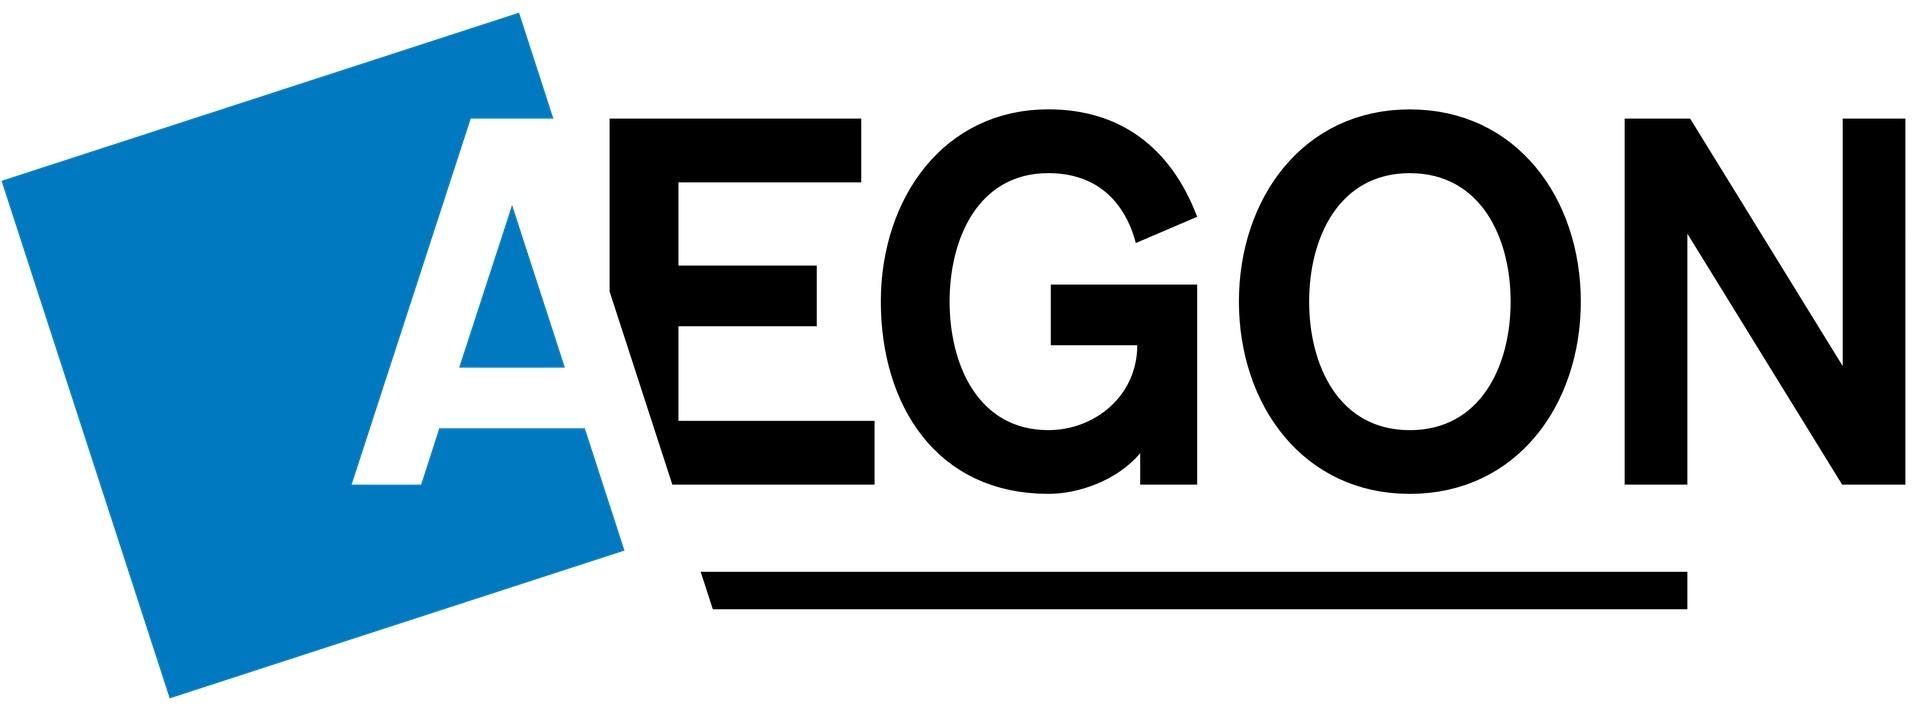 AEGON_logo_logotype